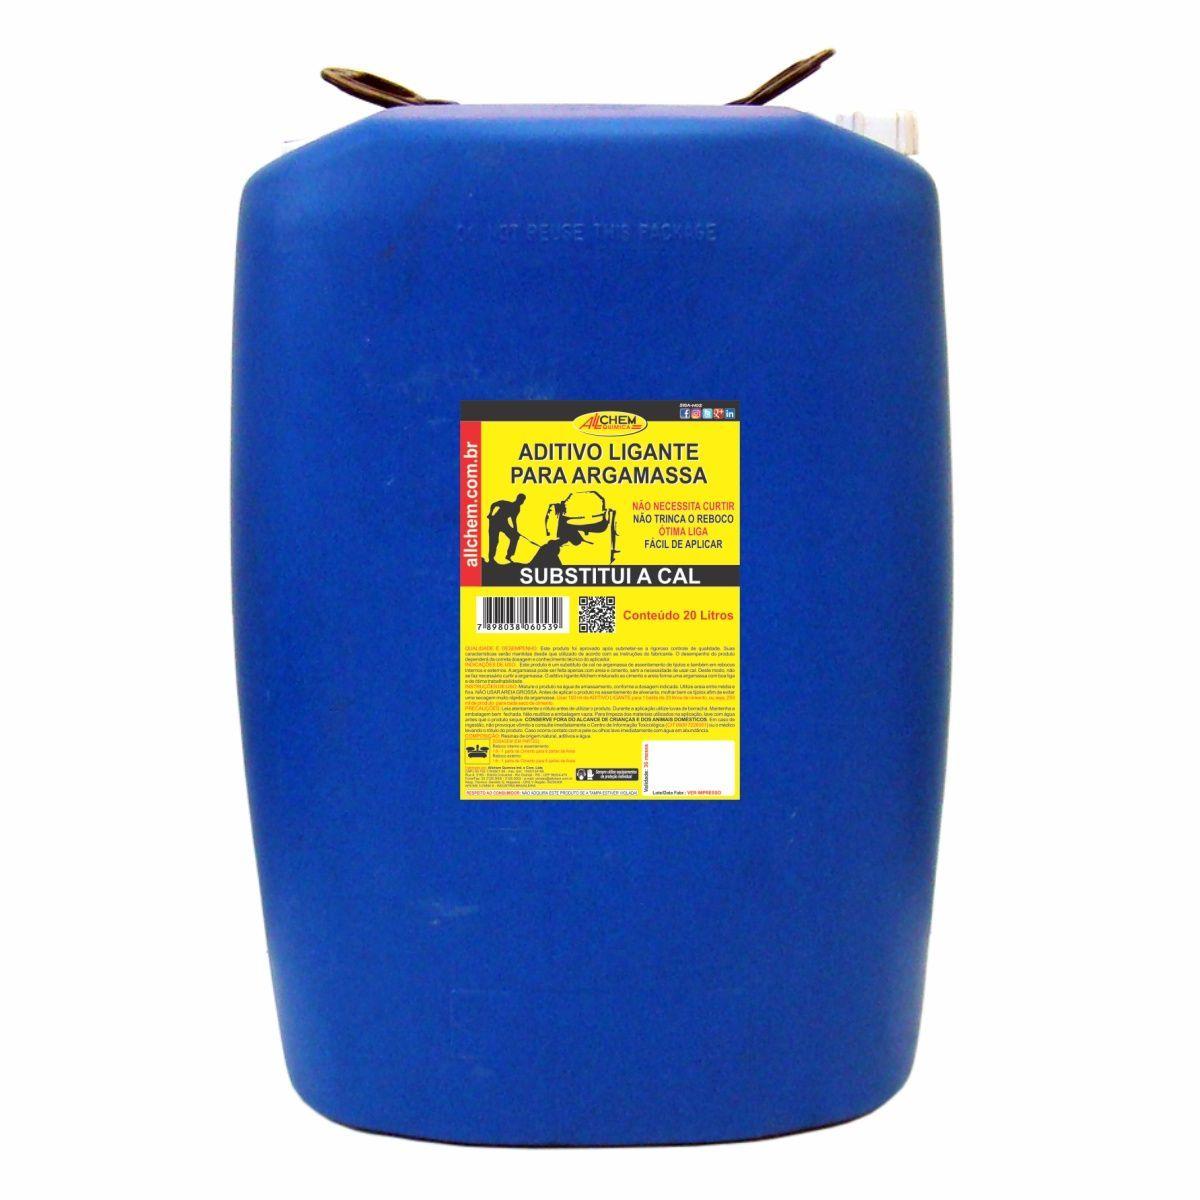 aditivo-ligante-para-argamassa-allchem